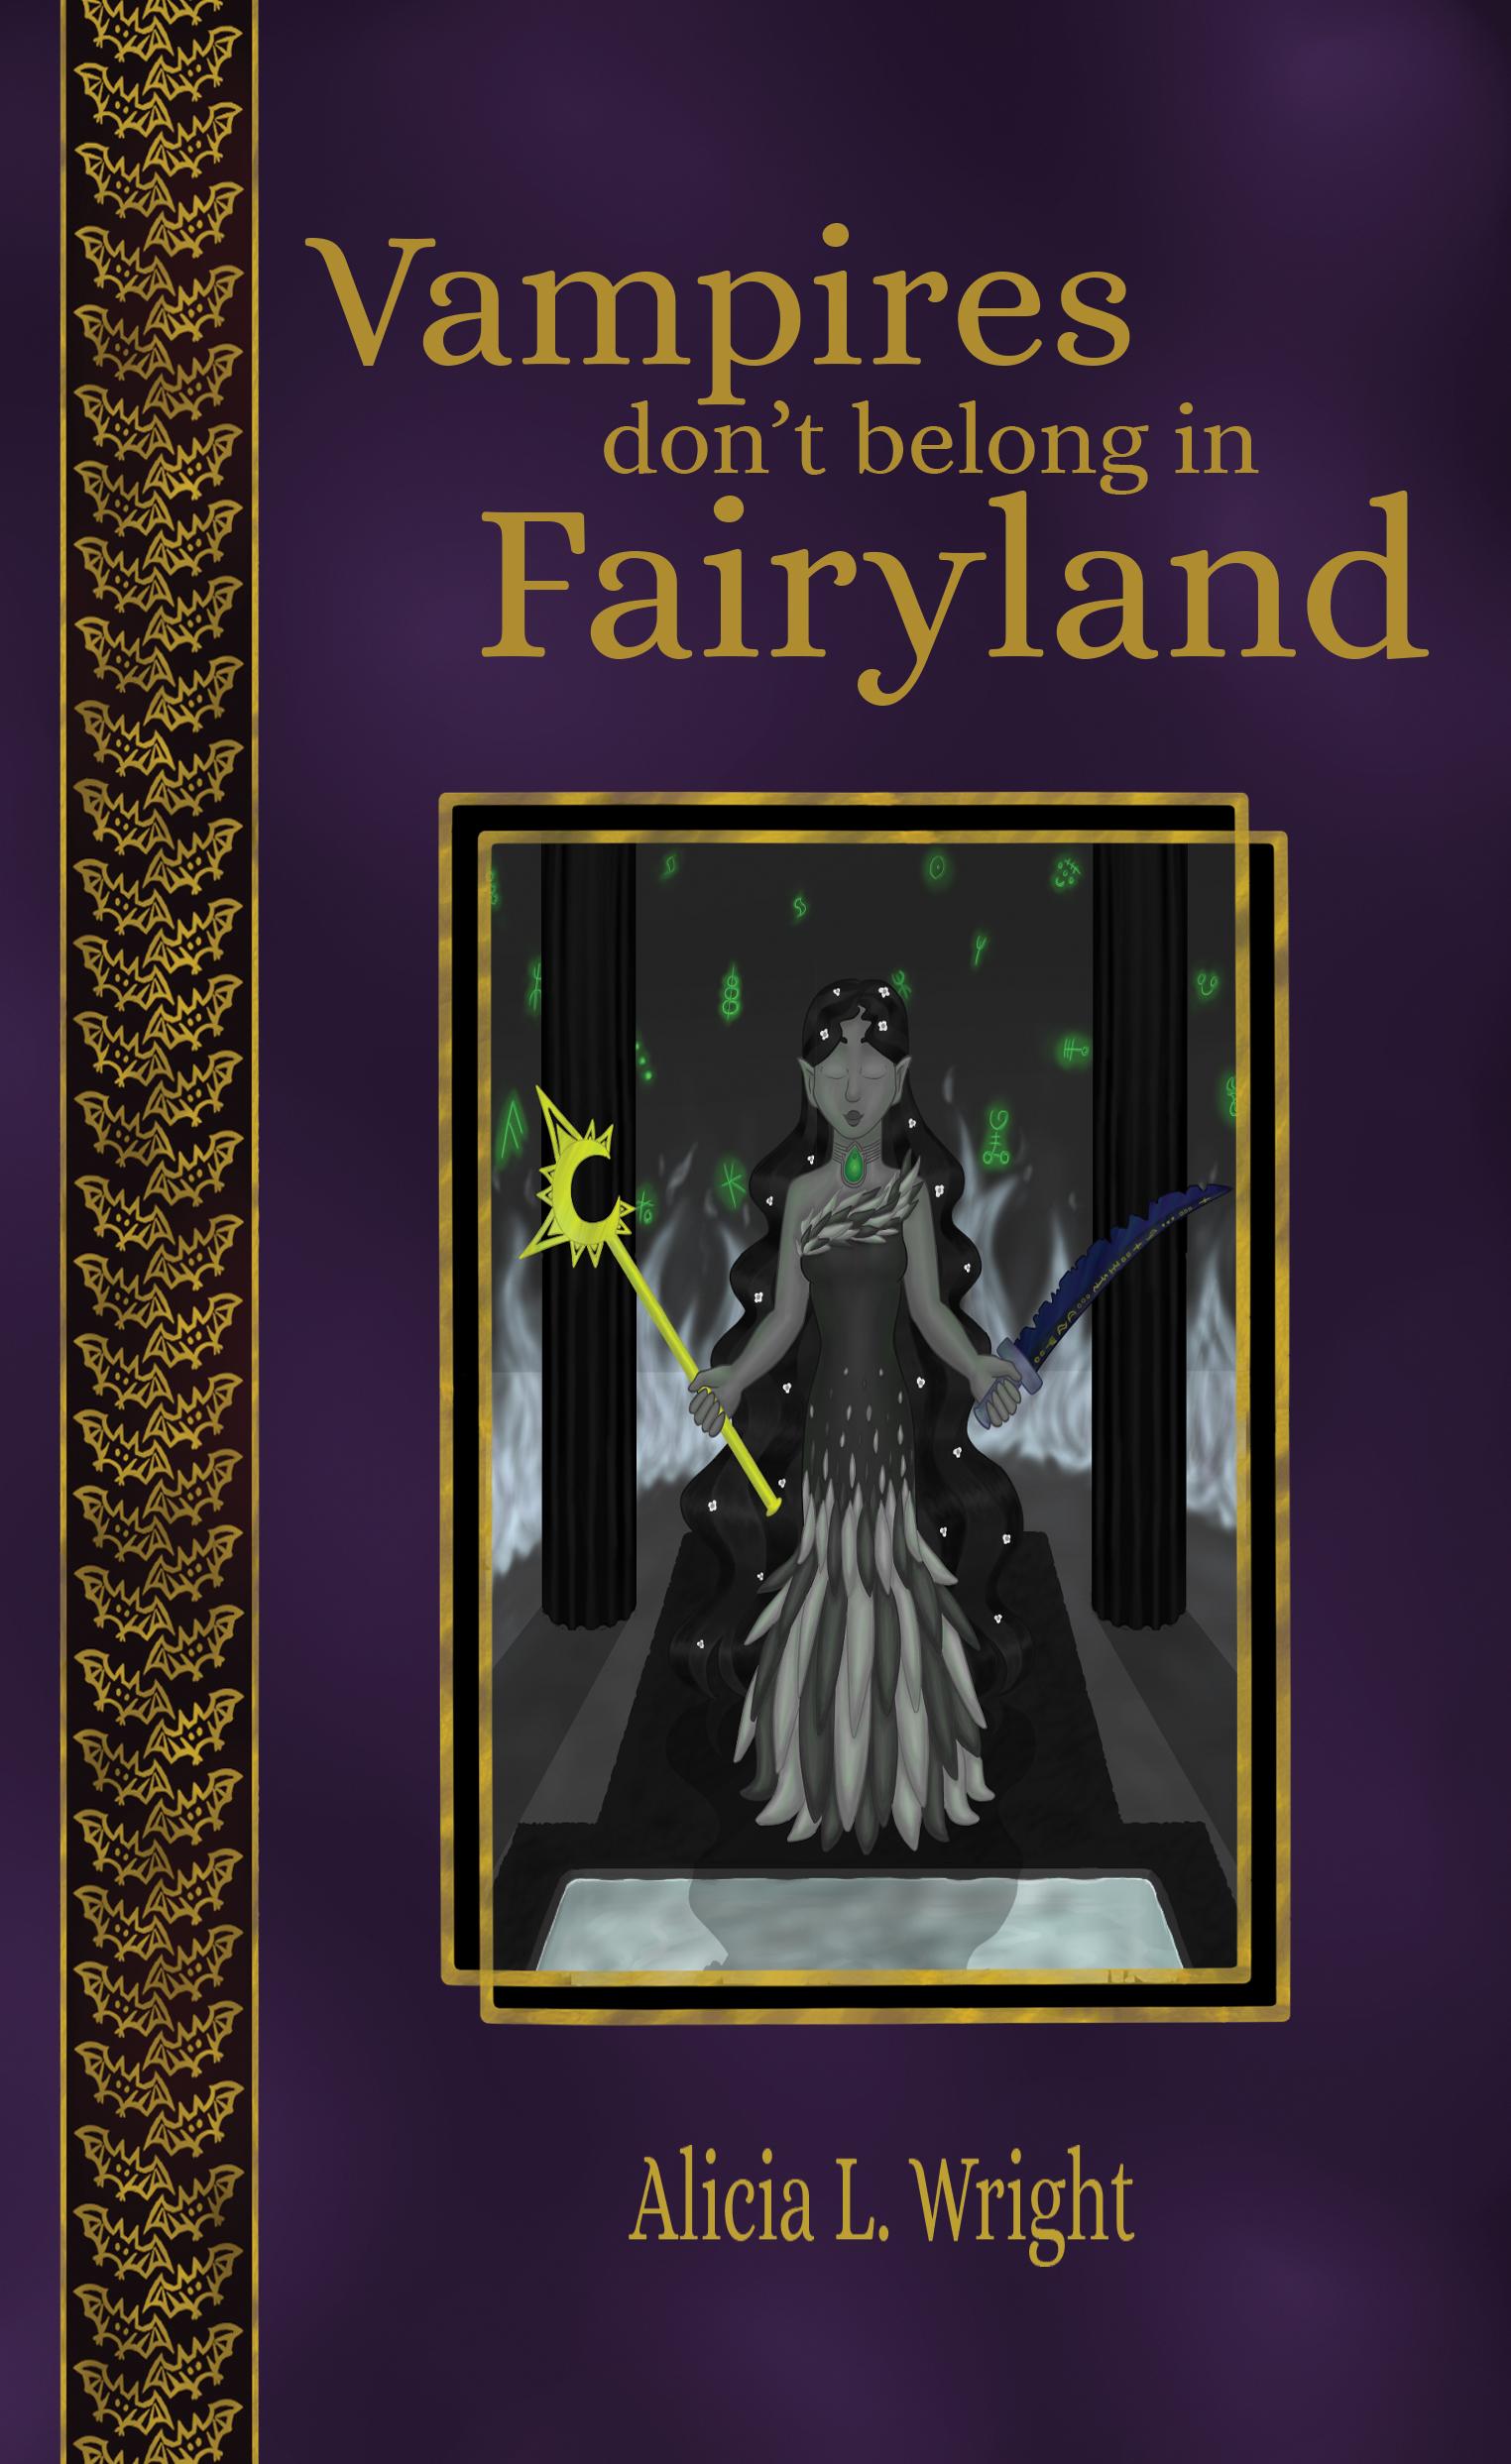 Vampires don't belong in Fairyland Alicia L. Wright